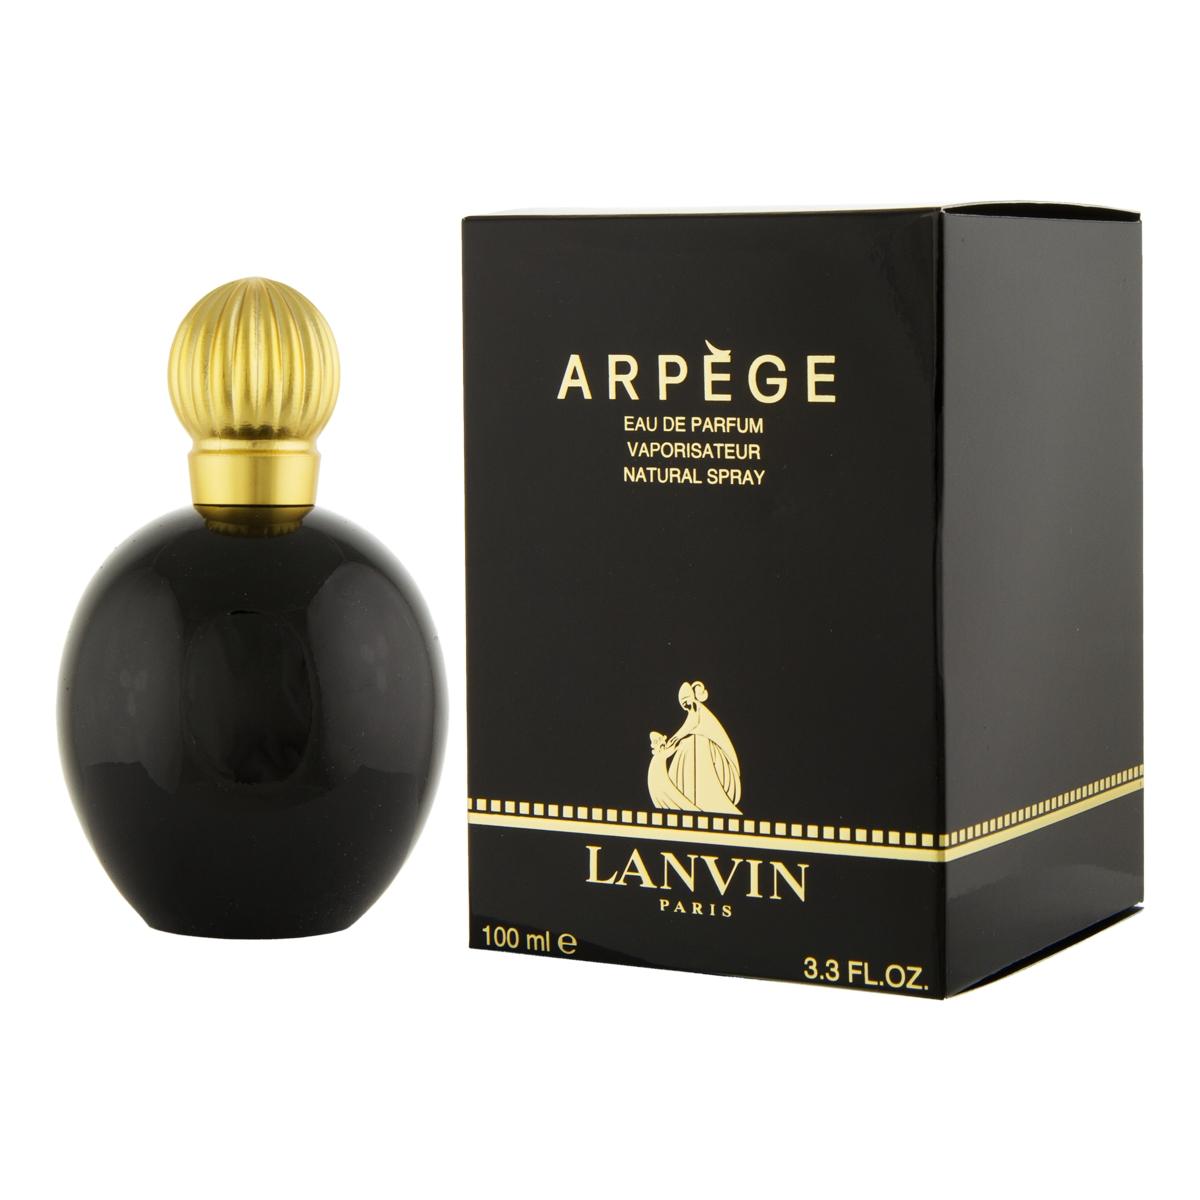 Lanvin Paris Arpege EDP 100 ml W